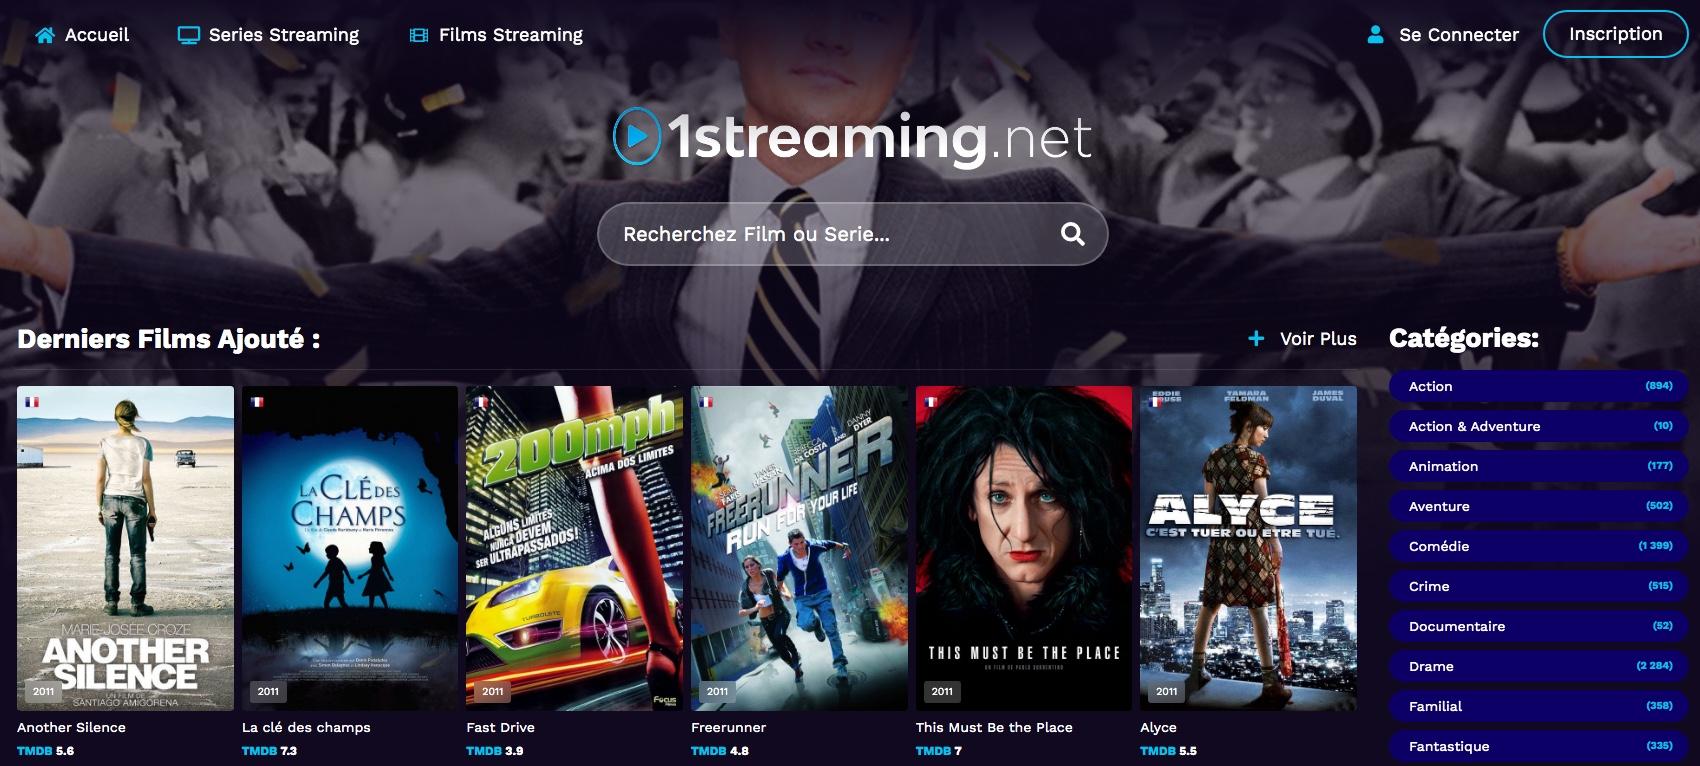 Regardez en streaming des séries et des films gratuits sur 01Streaming.net. Vivez votre passion du streaming gratuitement et de la meilleure qualité possible !